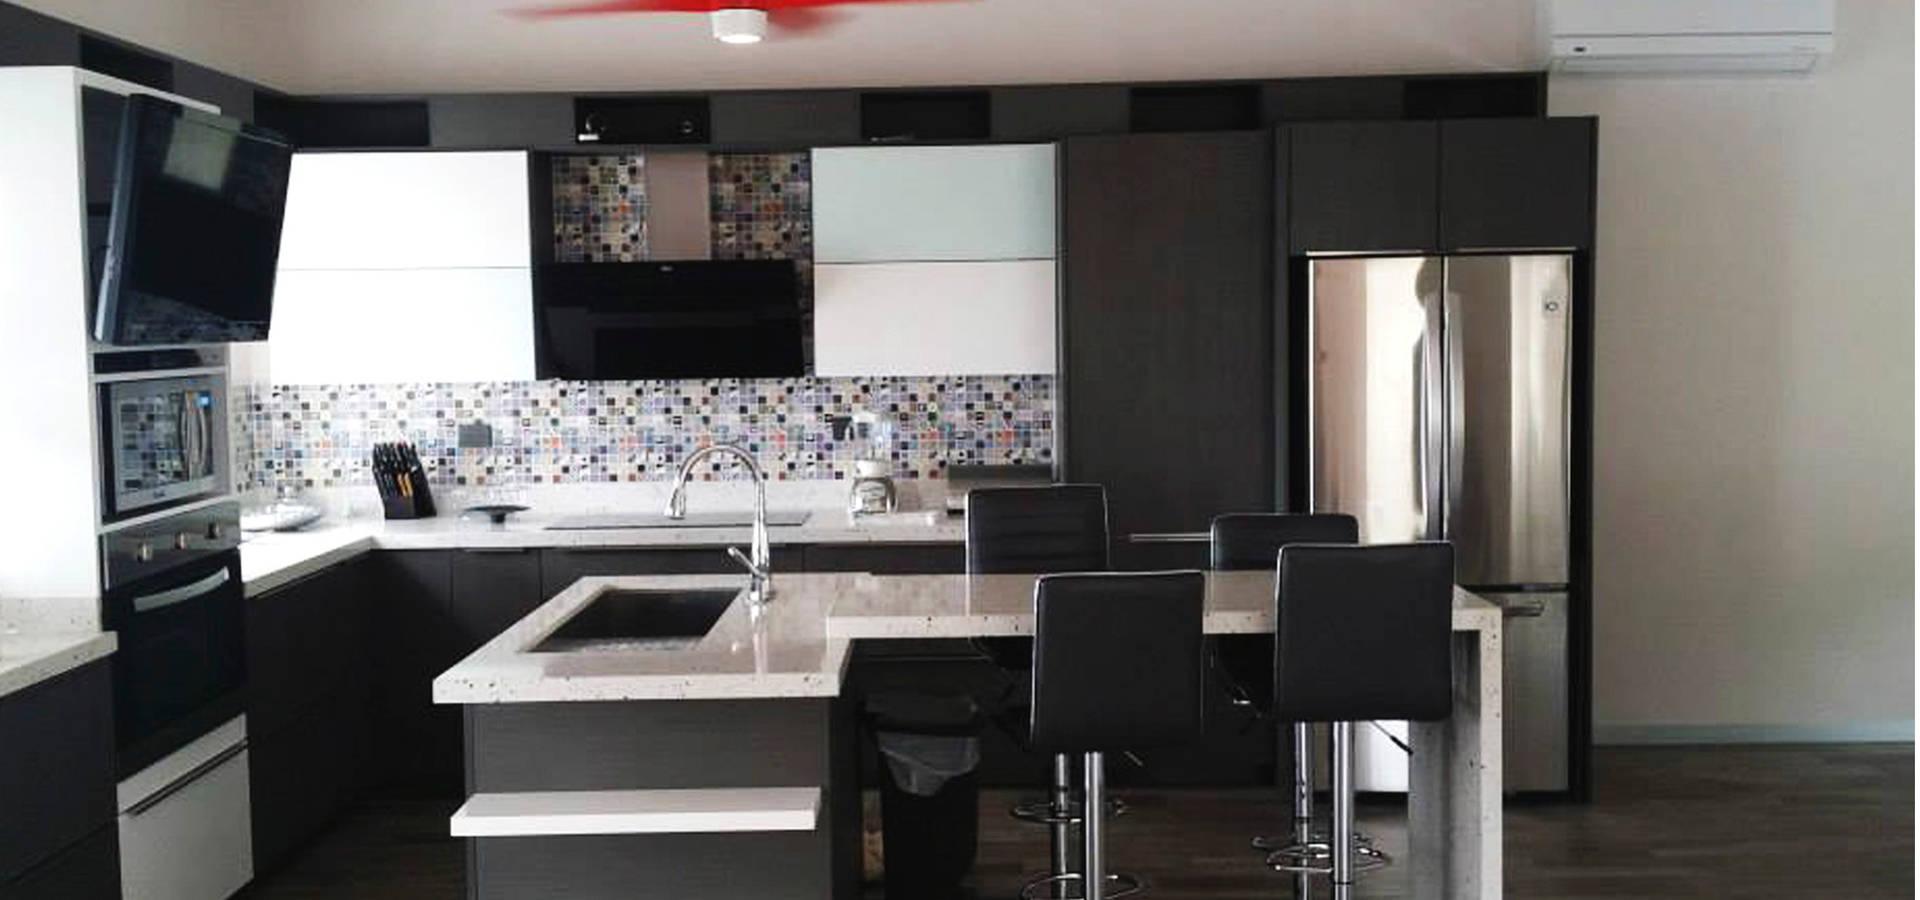 Logar decoraci n dise adores de cocinas en monterrey homify - Disenadores de cocinas ...